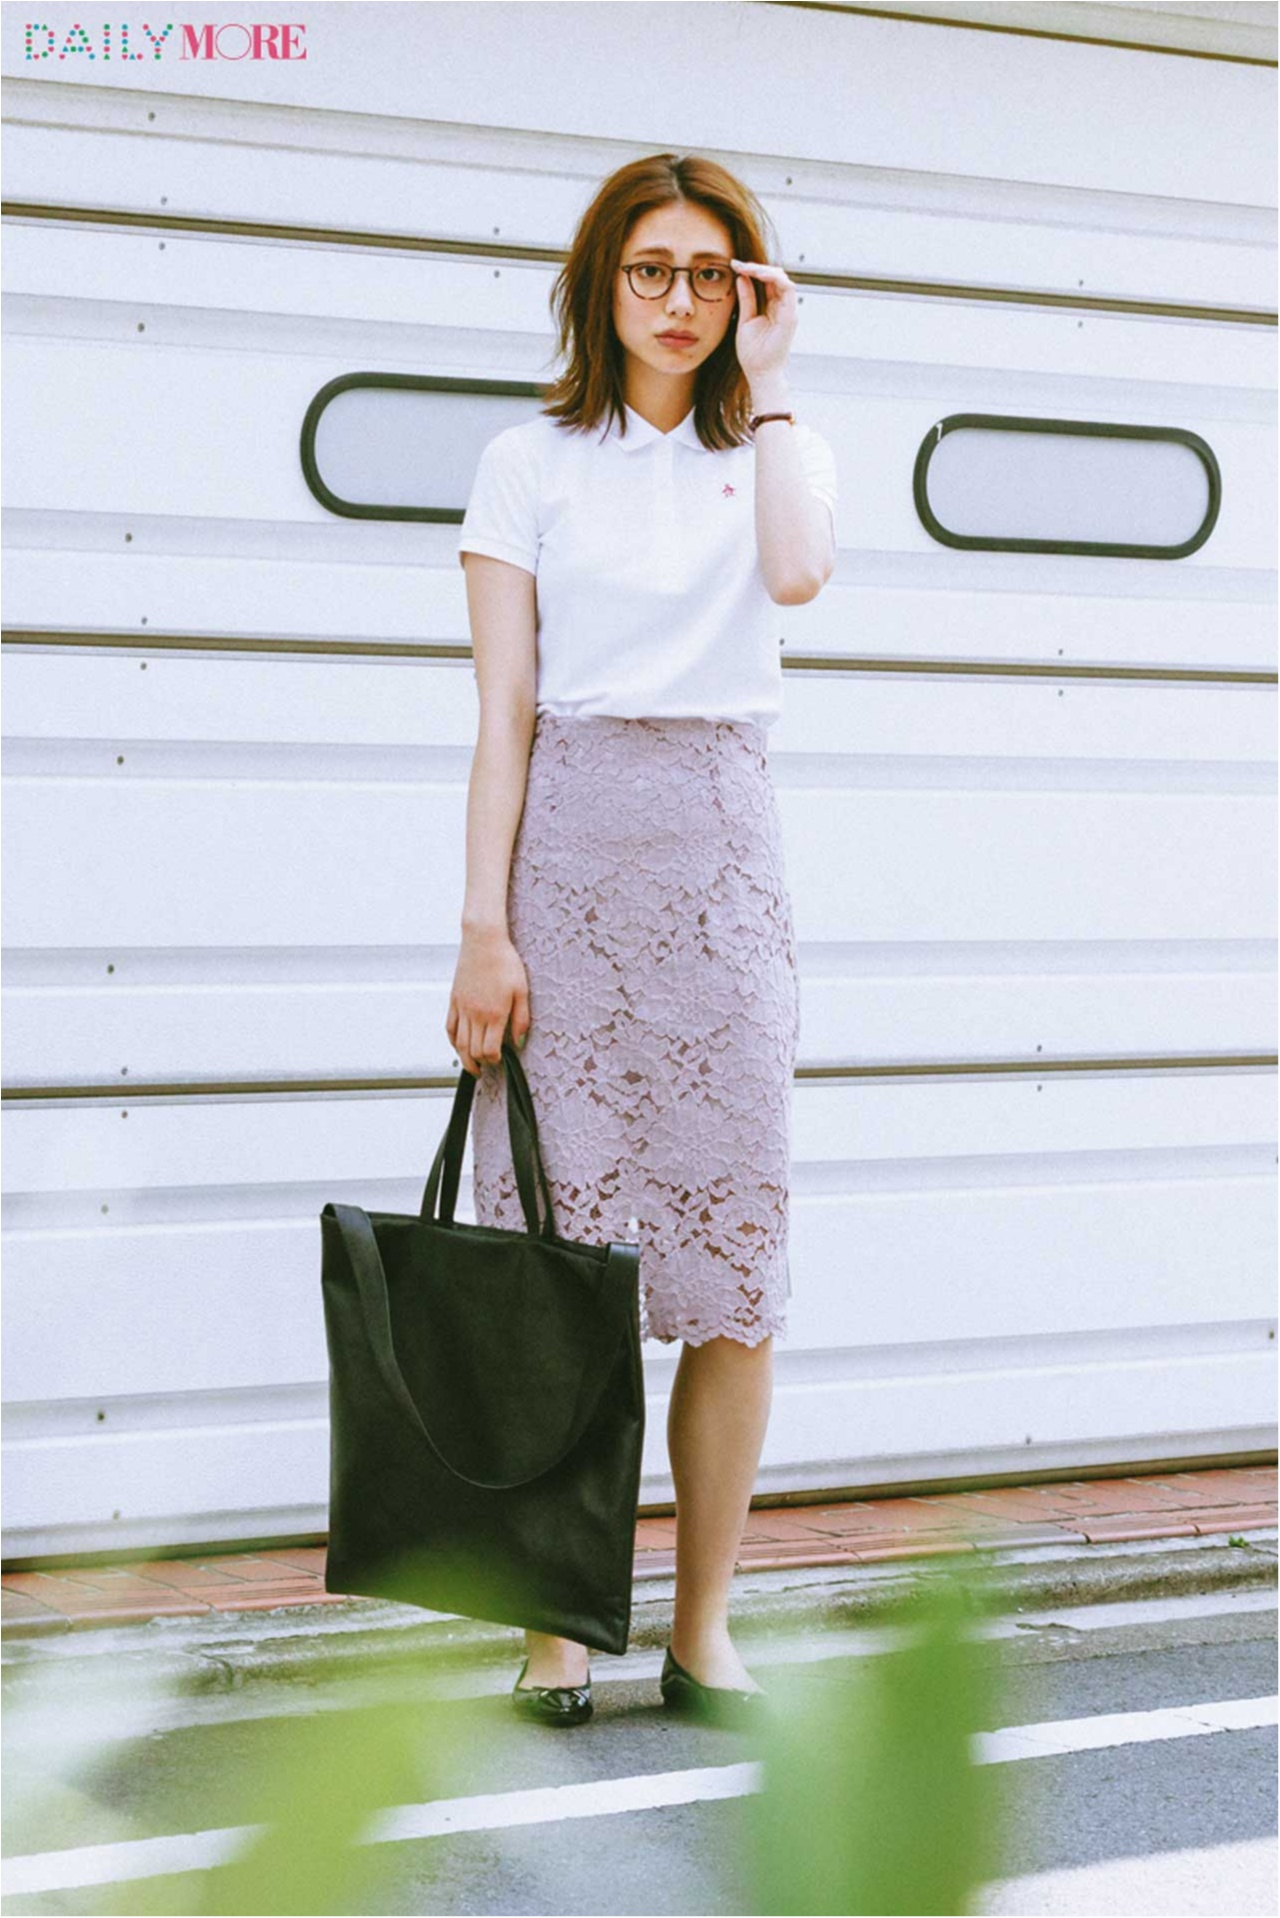 【今日のコーデ/土屋巴瑞季】気分を一新したい水曜日は、ポロシャツ×レーススカートで新鮮テイストMIX!_1